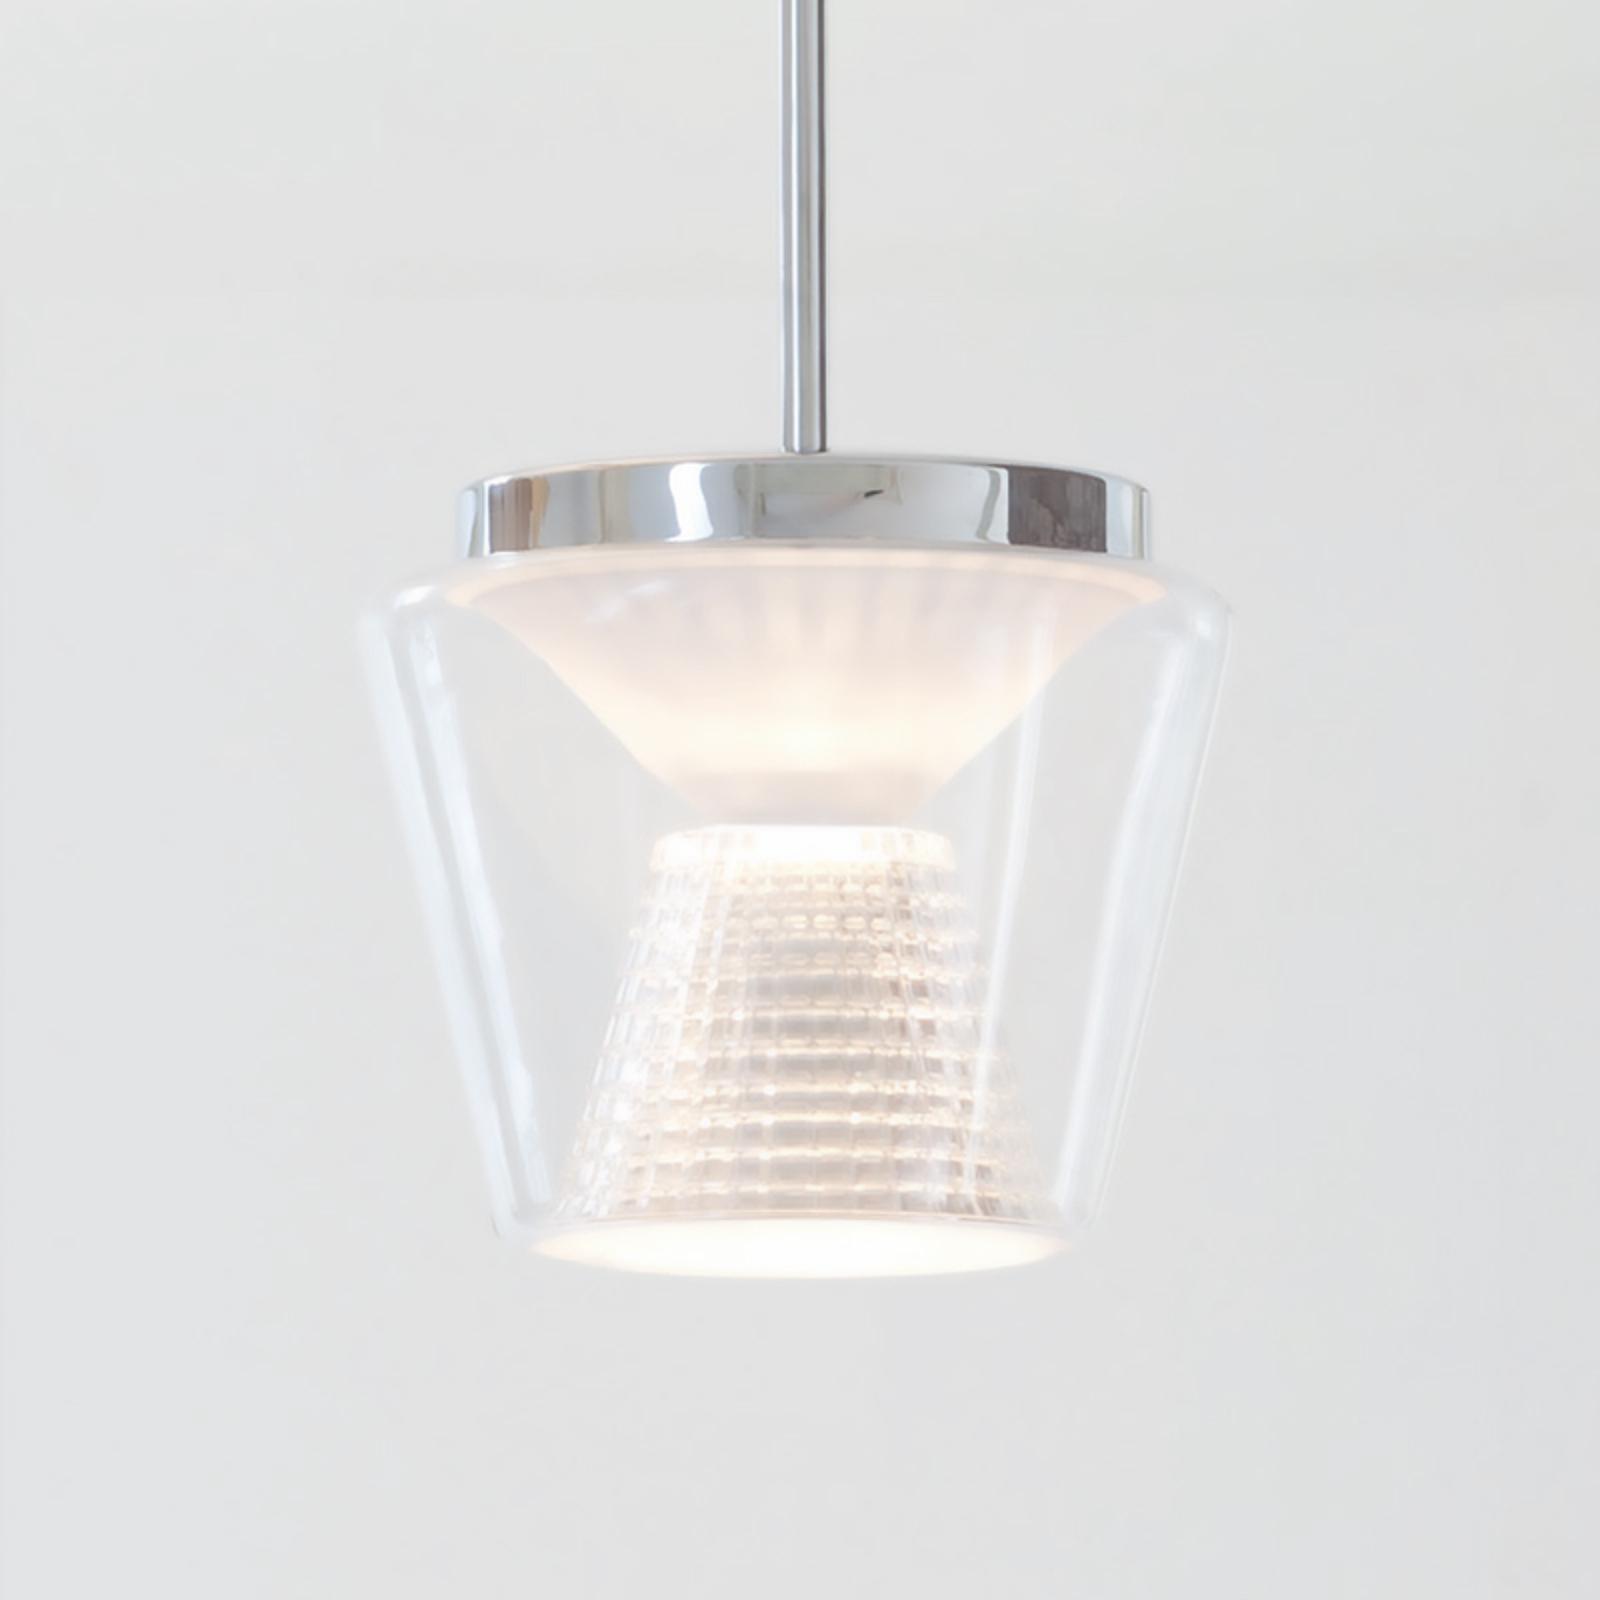 Med krystallglass – LED-pendellampe Annex